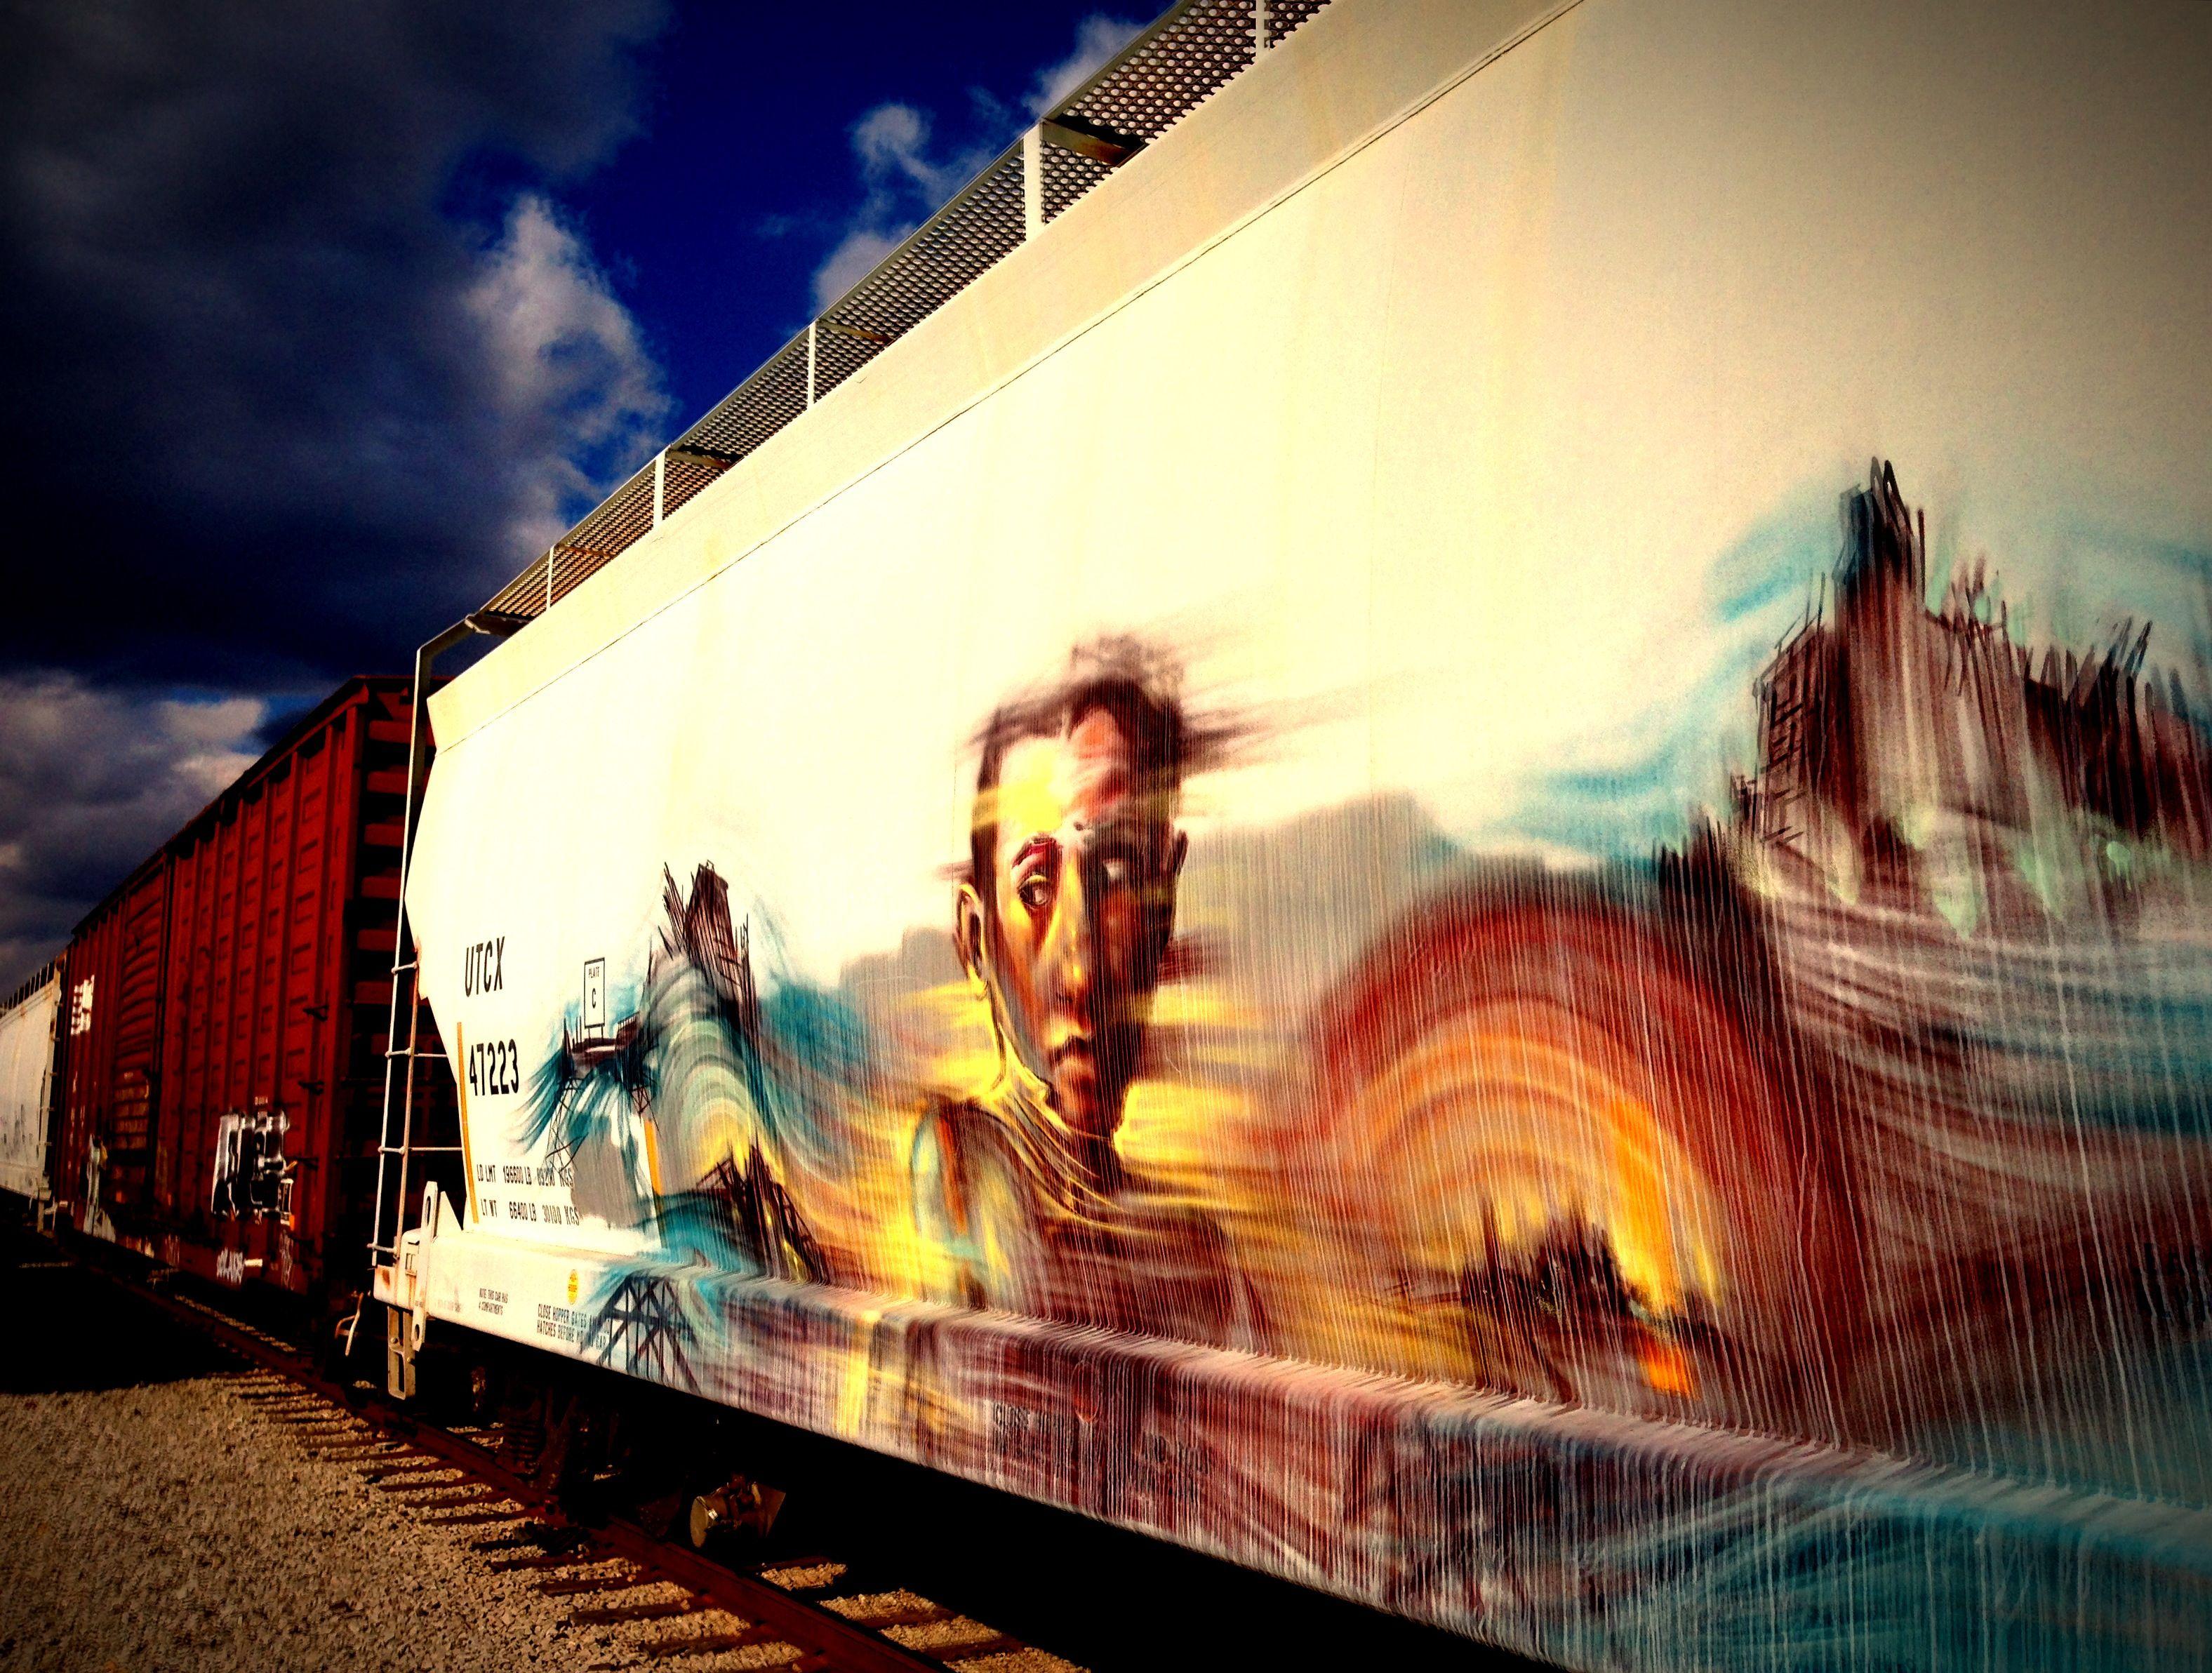 Train Graffiti, I dont mind the trains in Rochelle bc I love ...